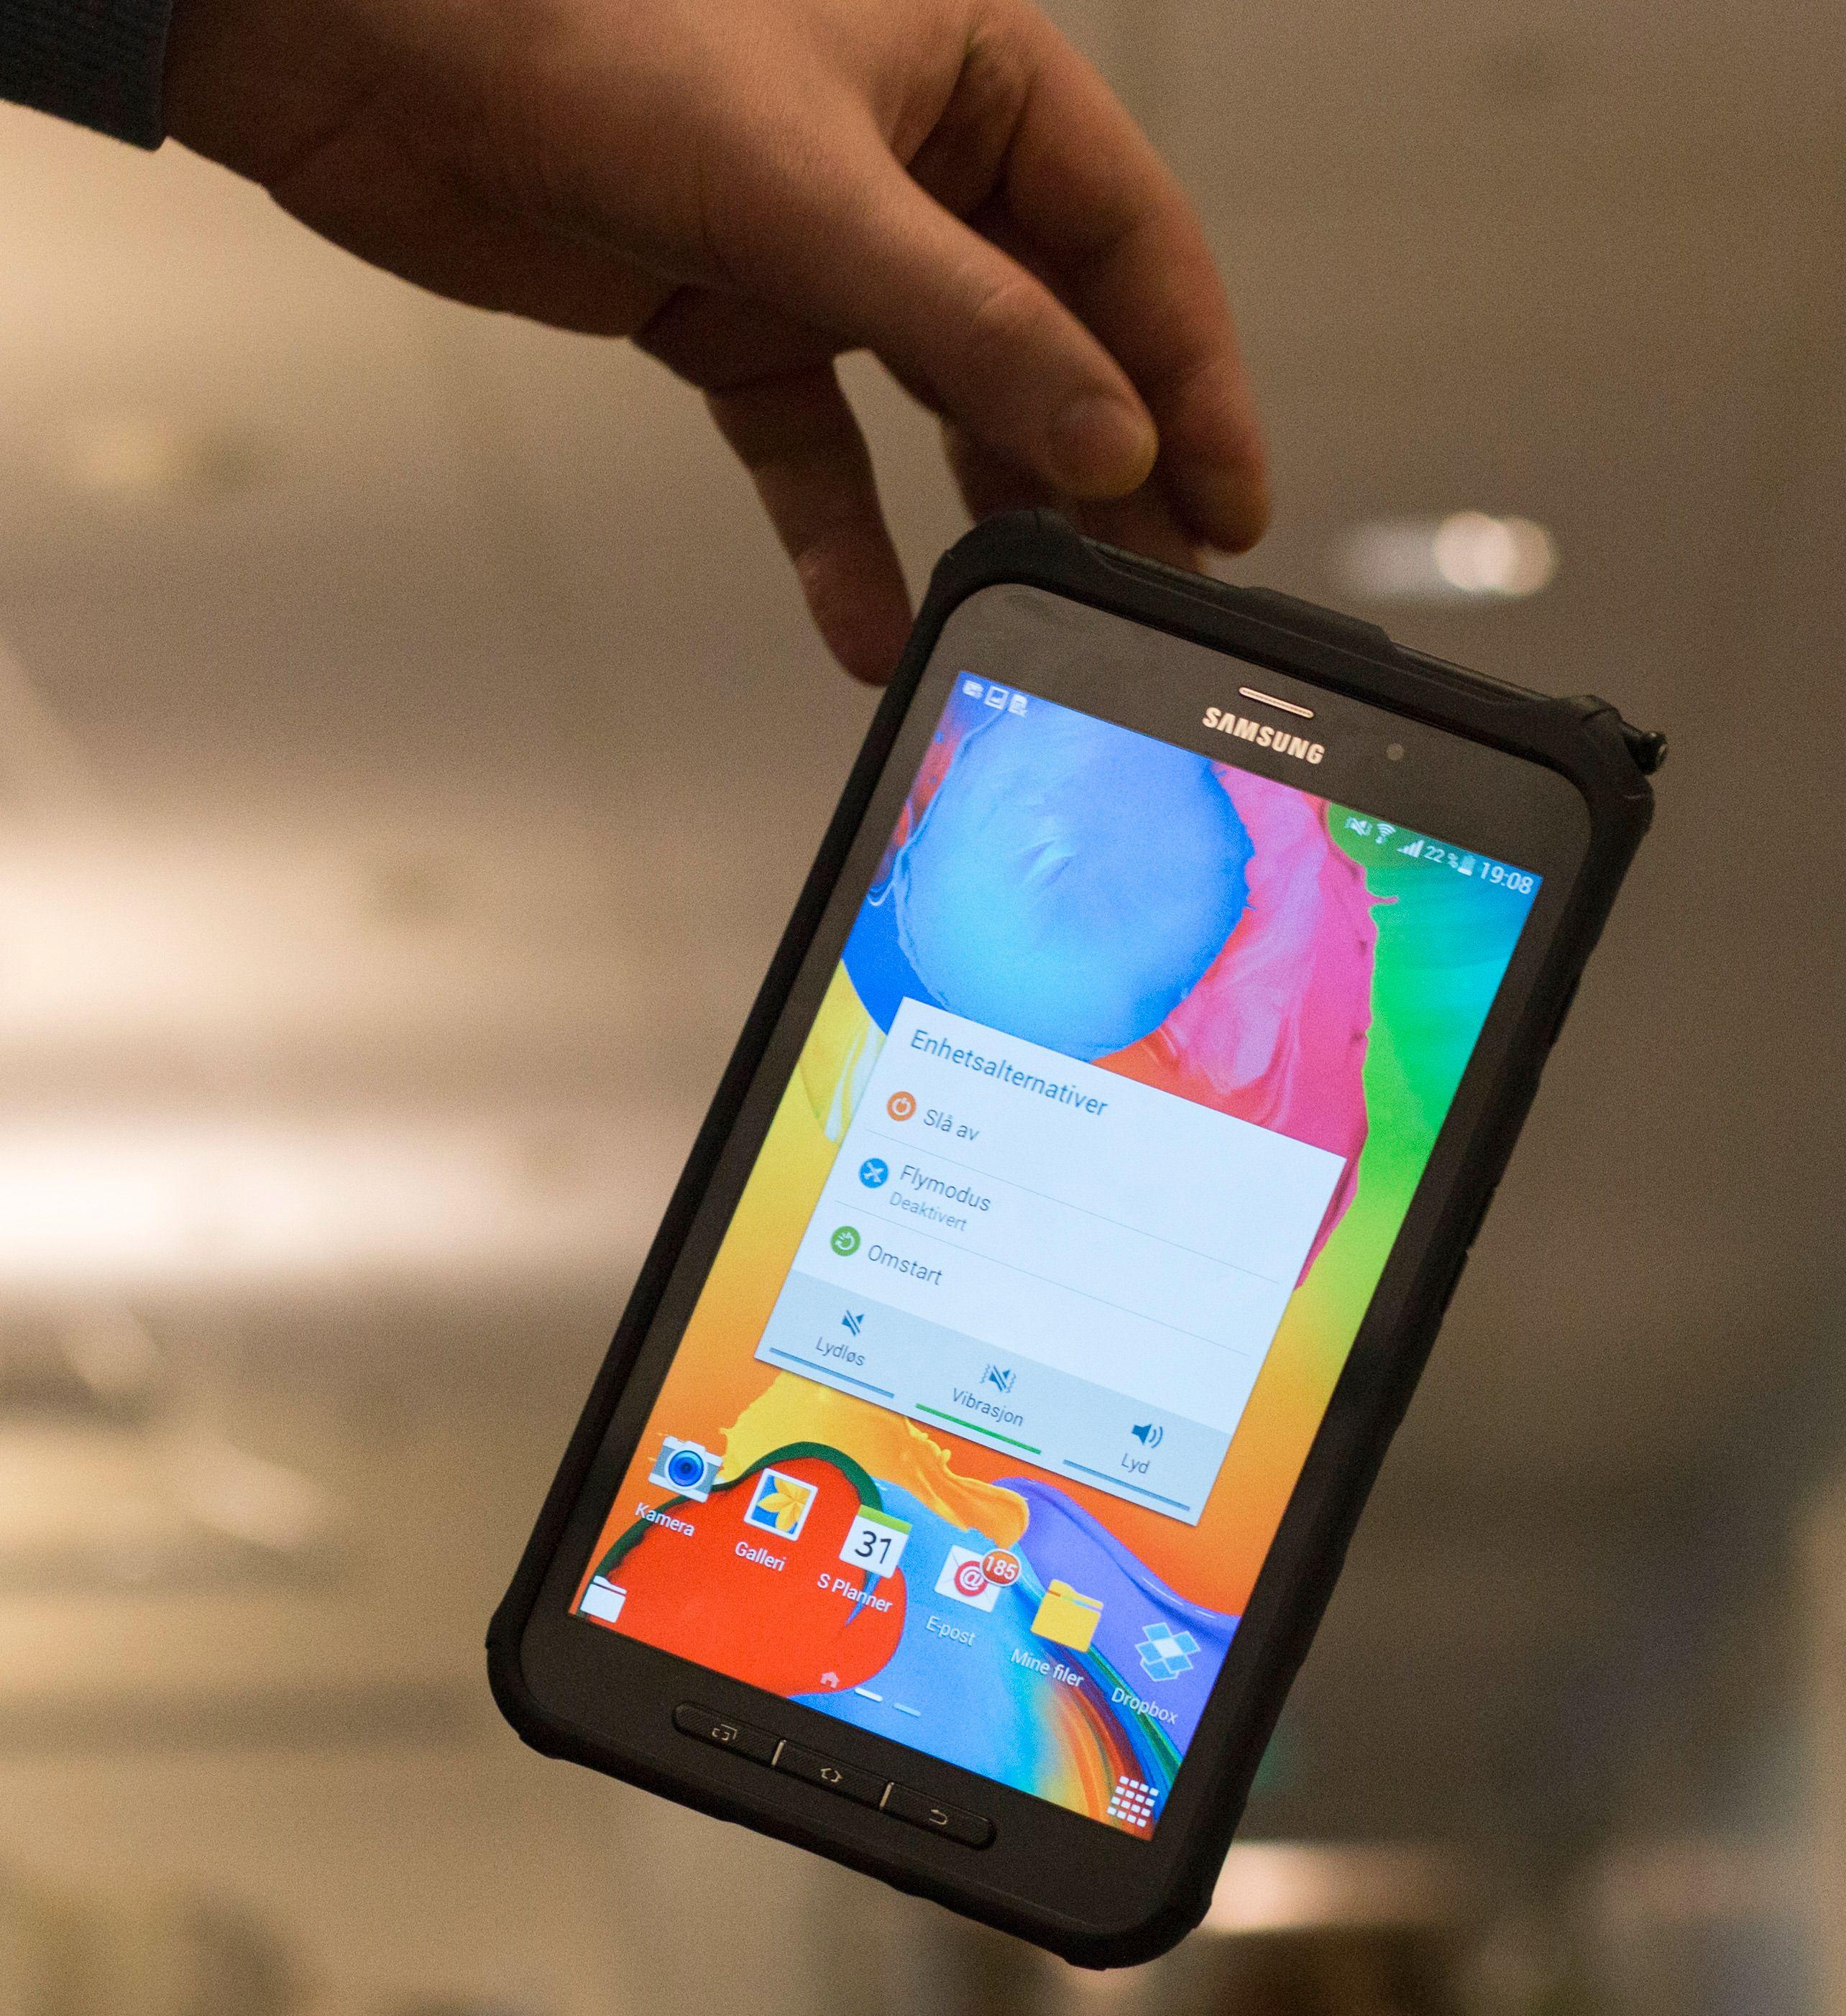 Pakket inn i et tykt gummideksel skal Galaxy Tab Active tåle fall fra 1,2 meter - men bare dersom det møter en helt plan overflate. Foto: Finn Jarle Kvalheim, Tek.no